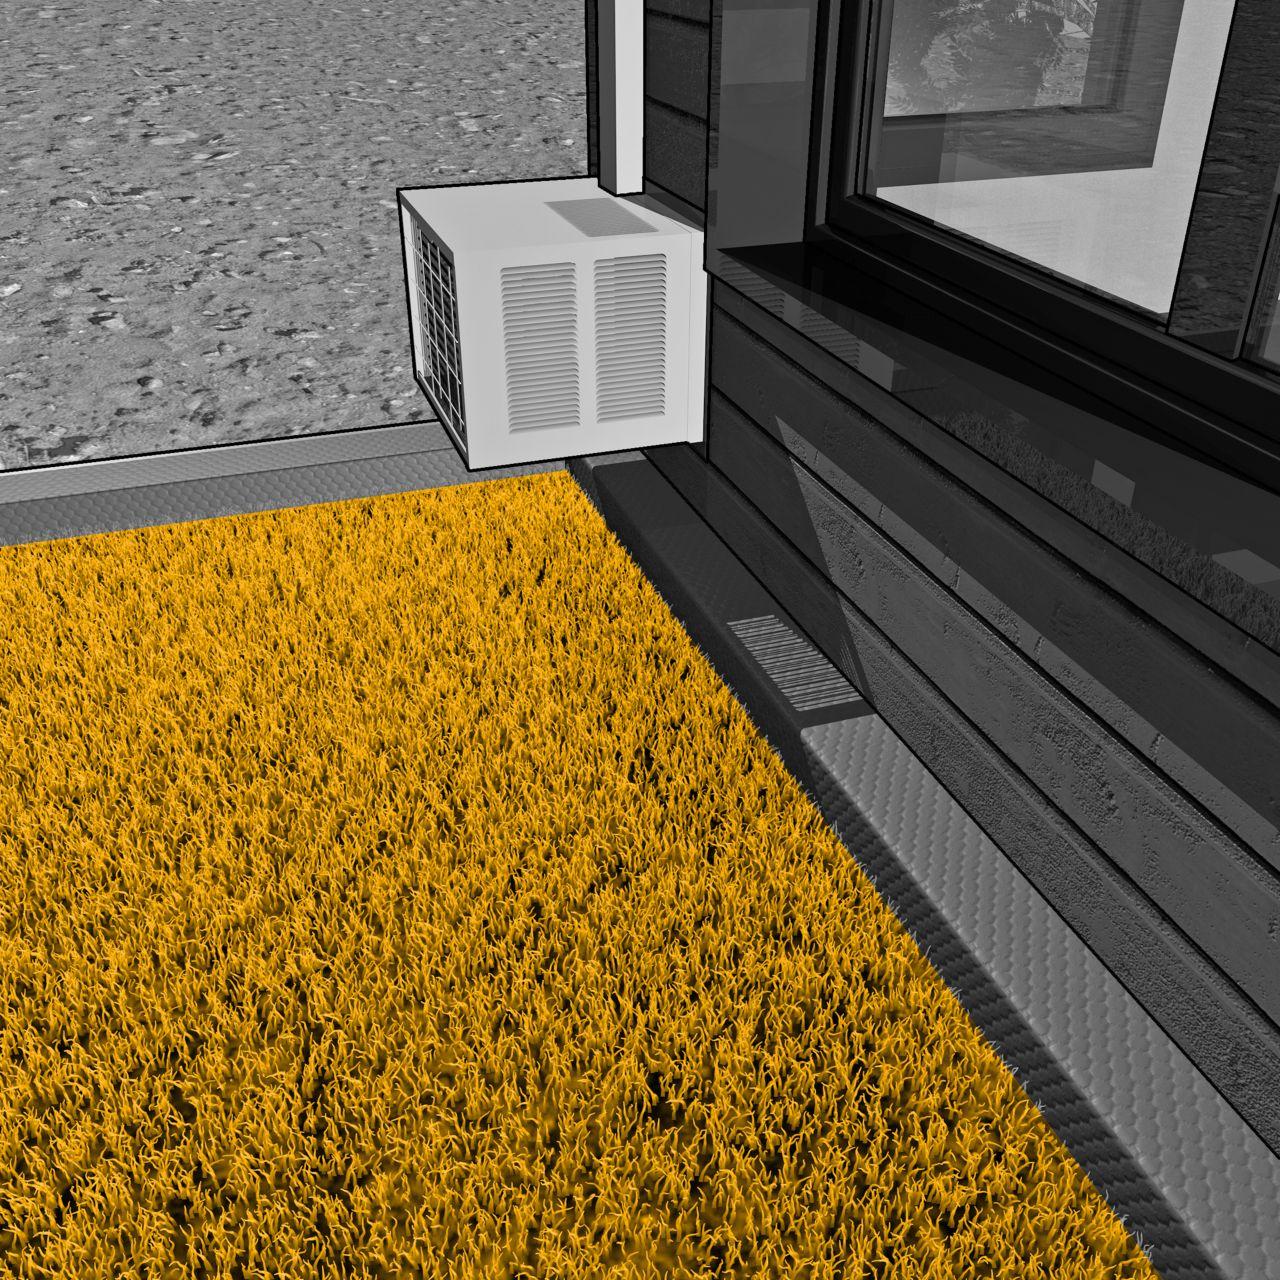 室外施工的绿色屋顶露台示意图